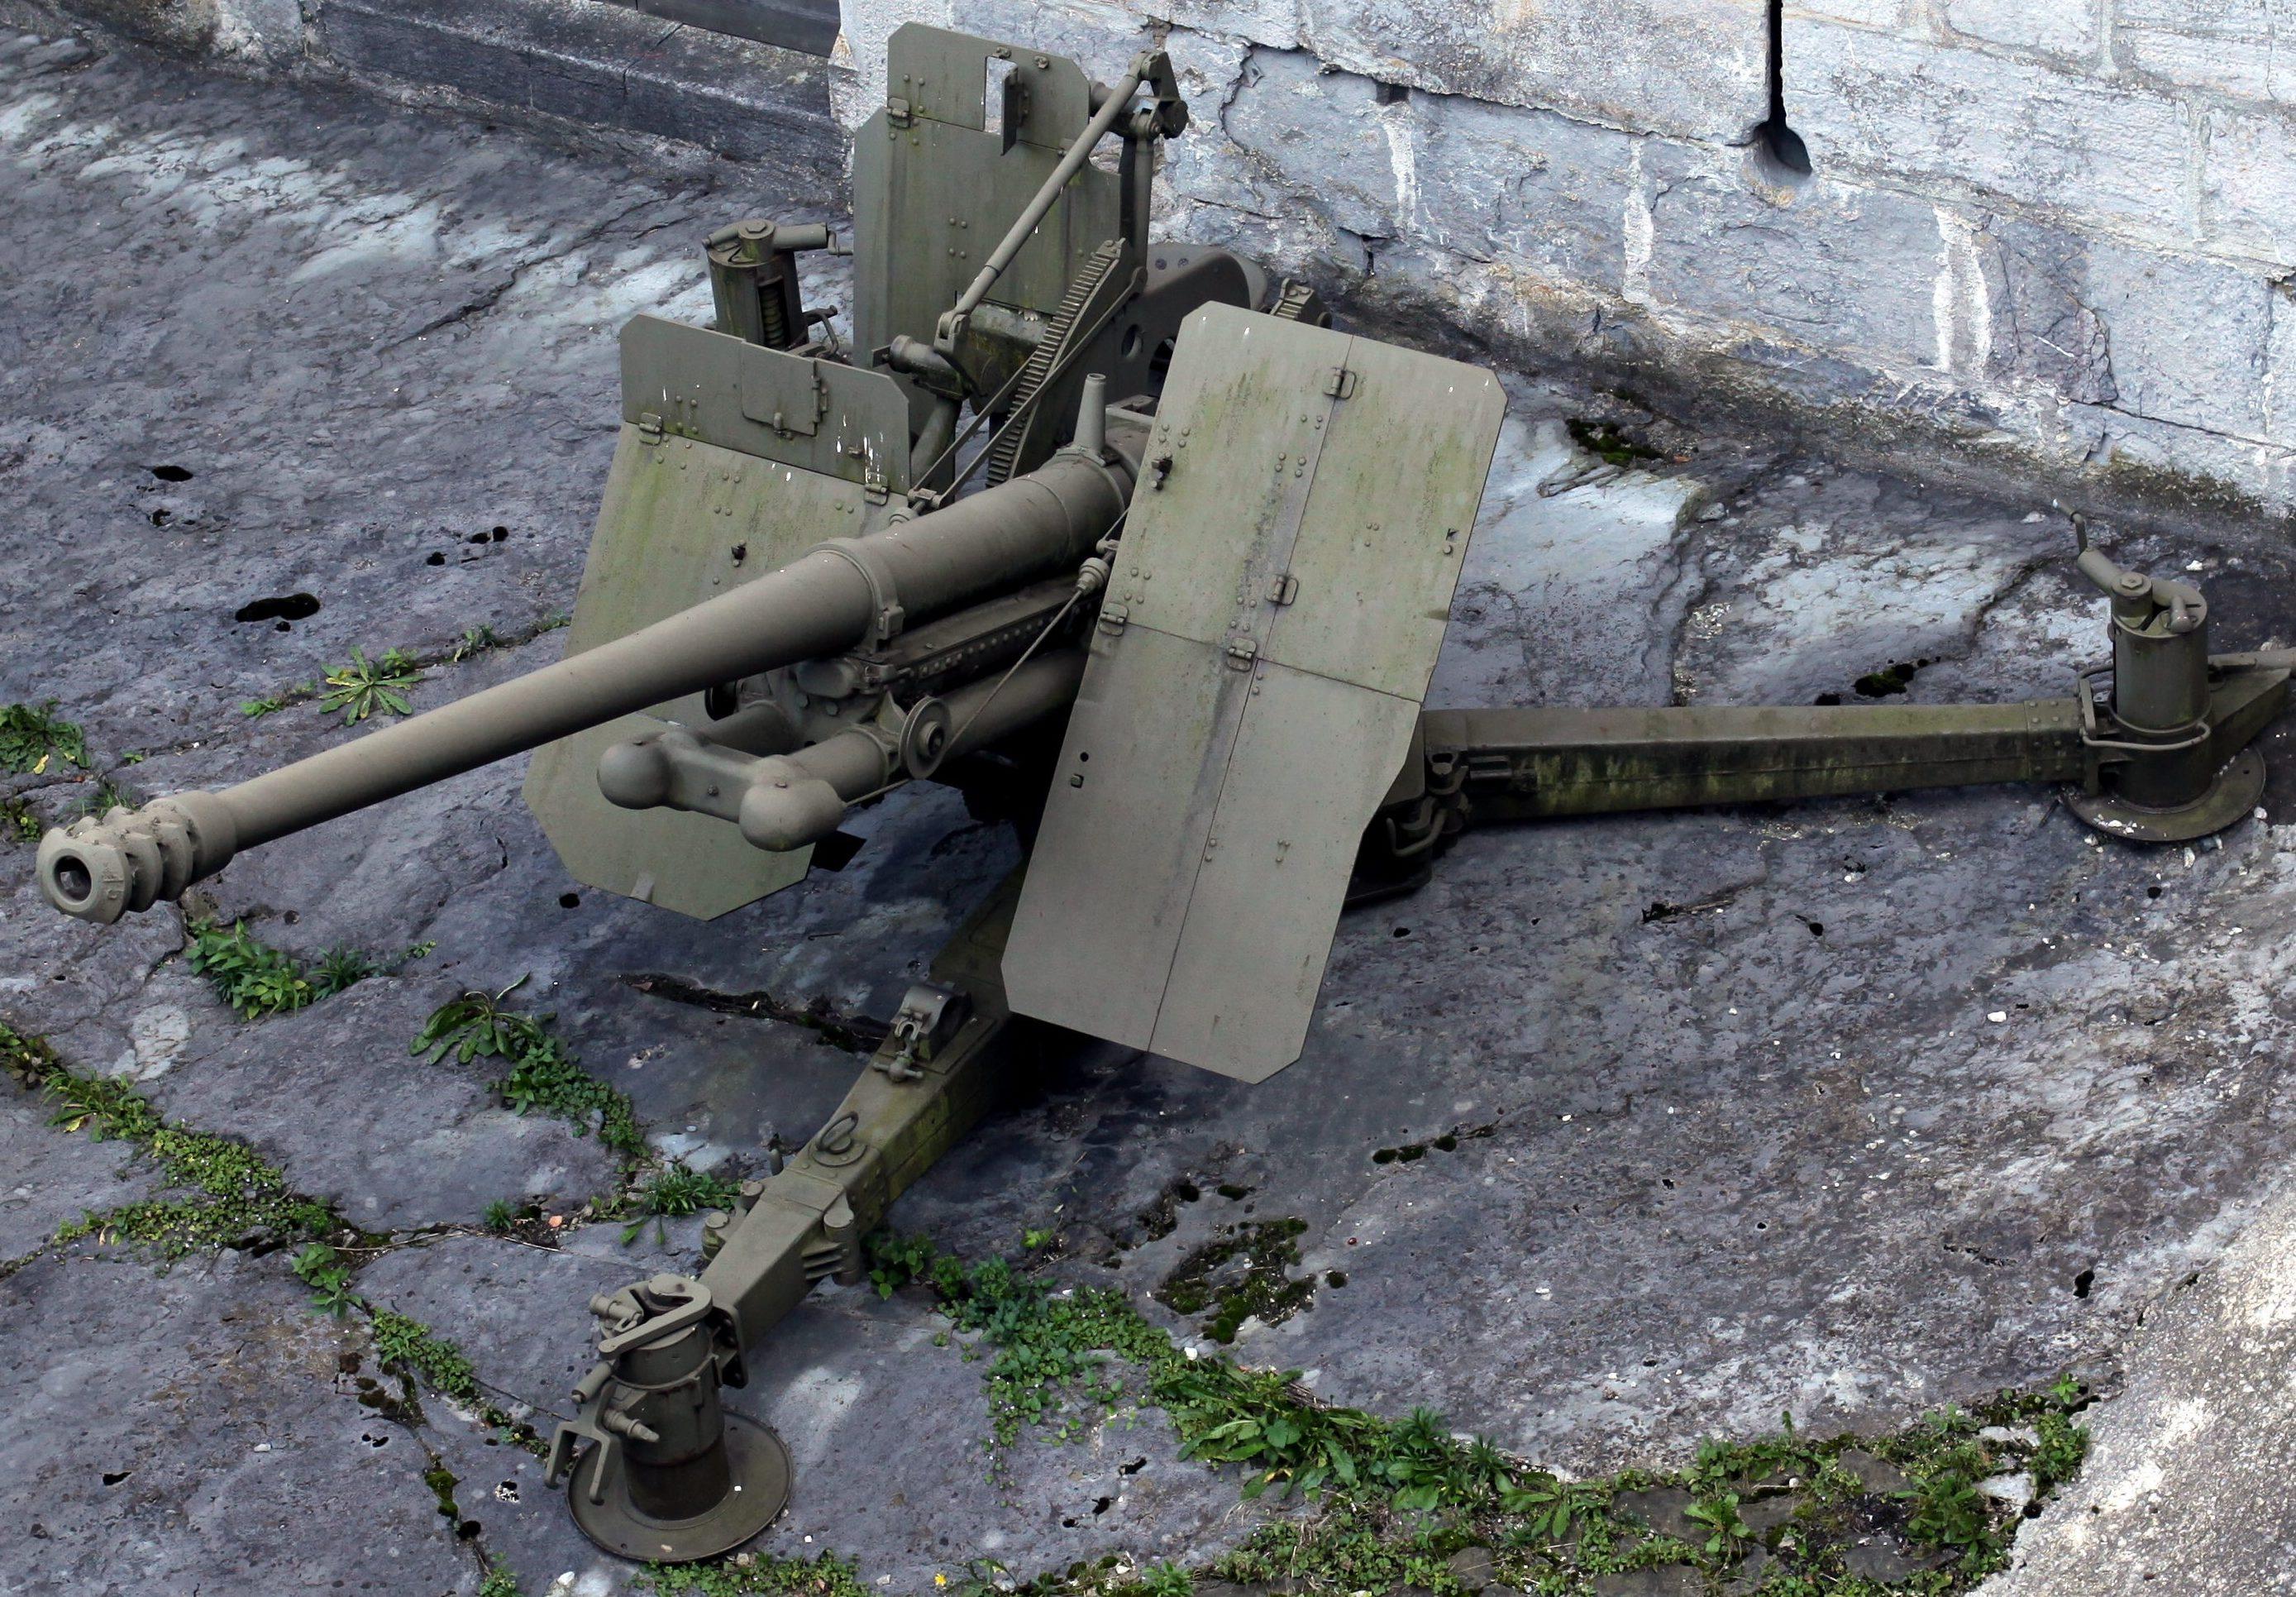 Зенитная  пушка  -  75-mm  mod. 1936.